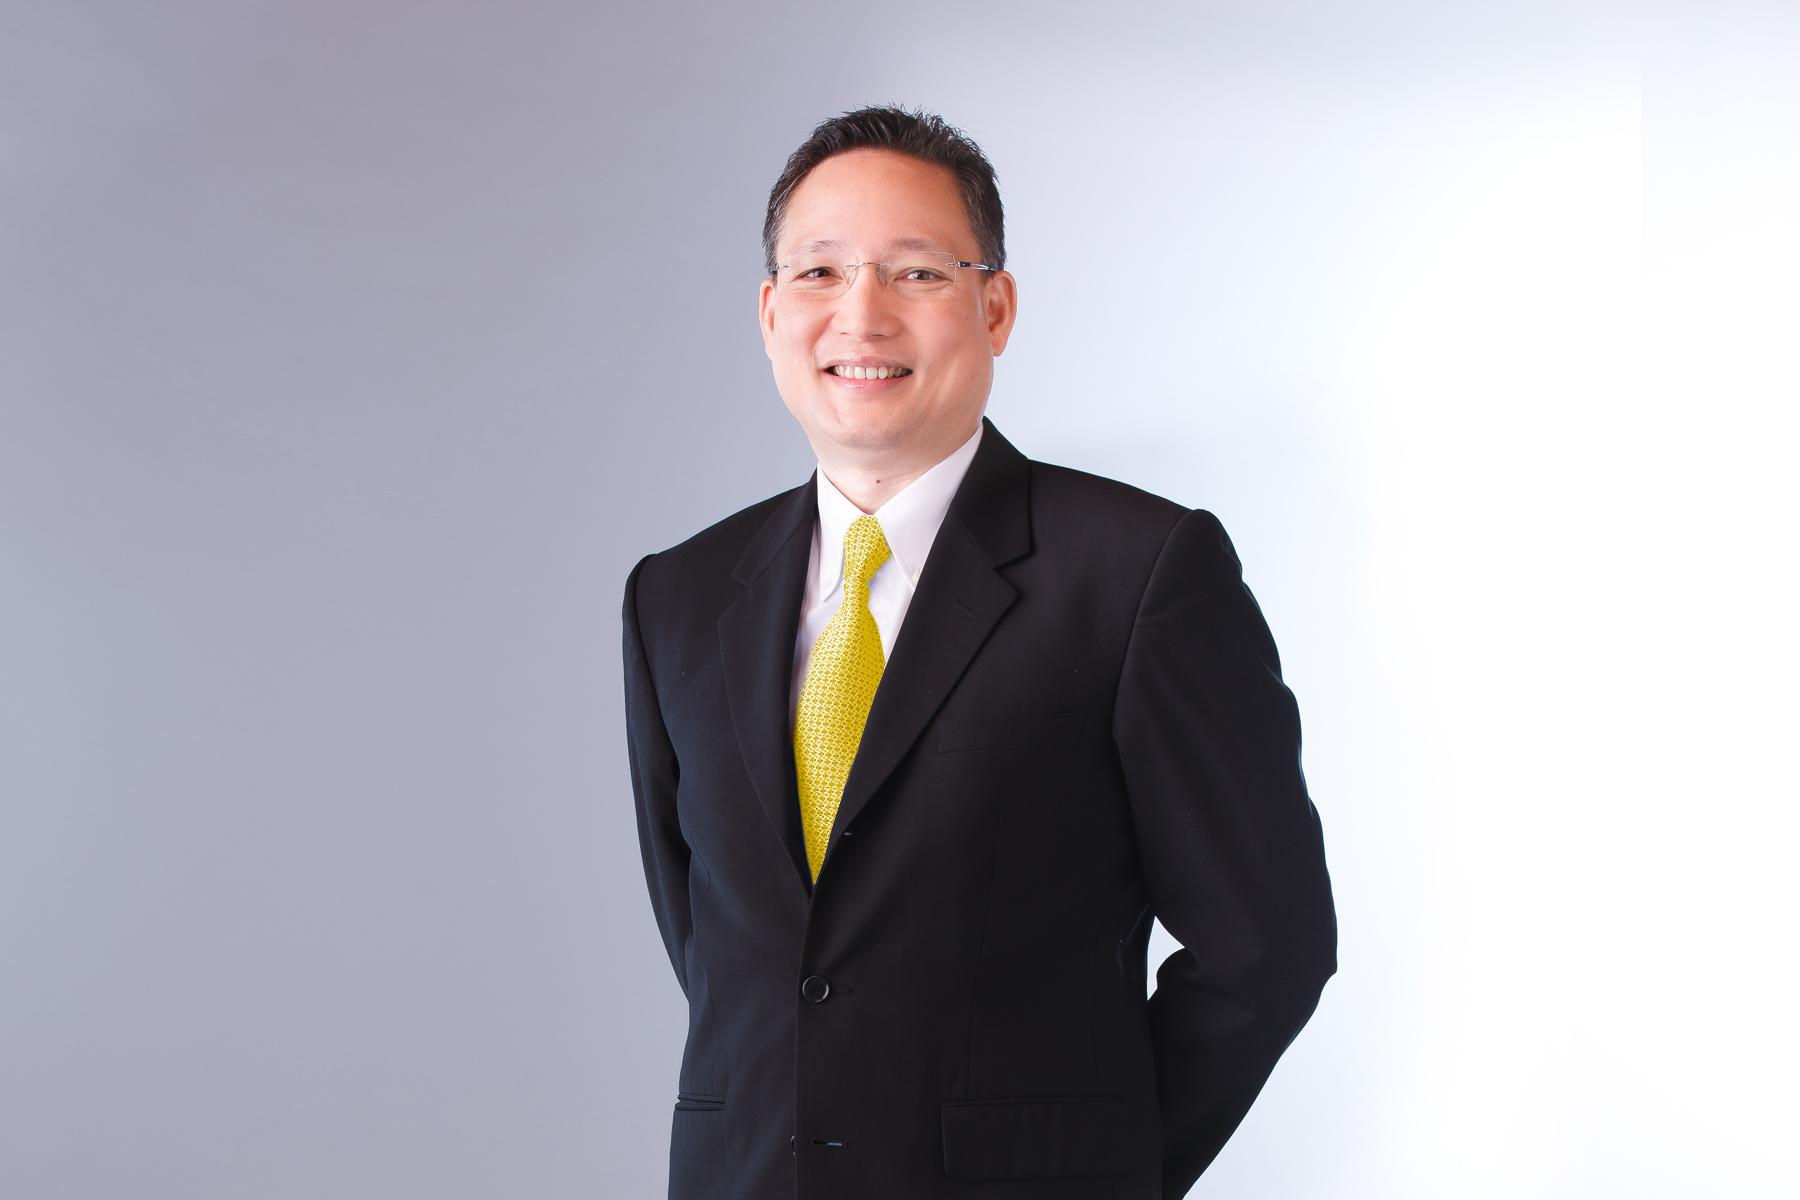 กรุงไทยออกตราสารเงินกองทุน ดอกเบี้ย 3.70% ต่อปี